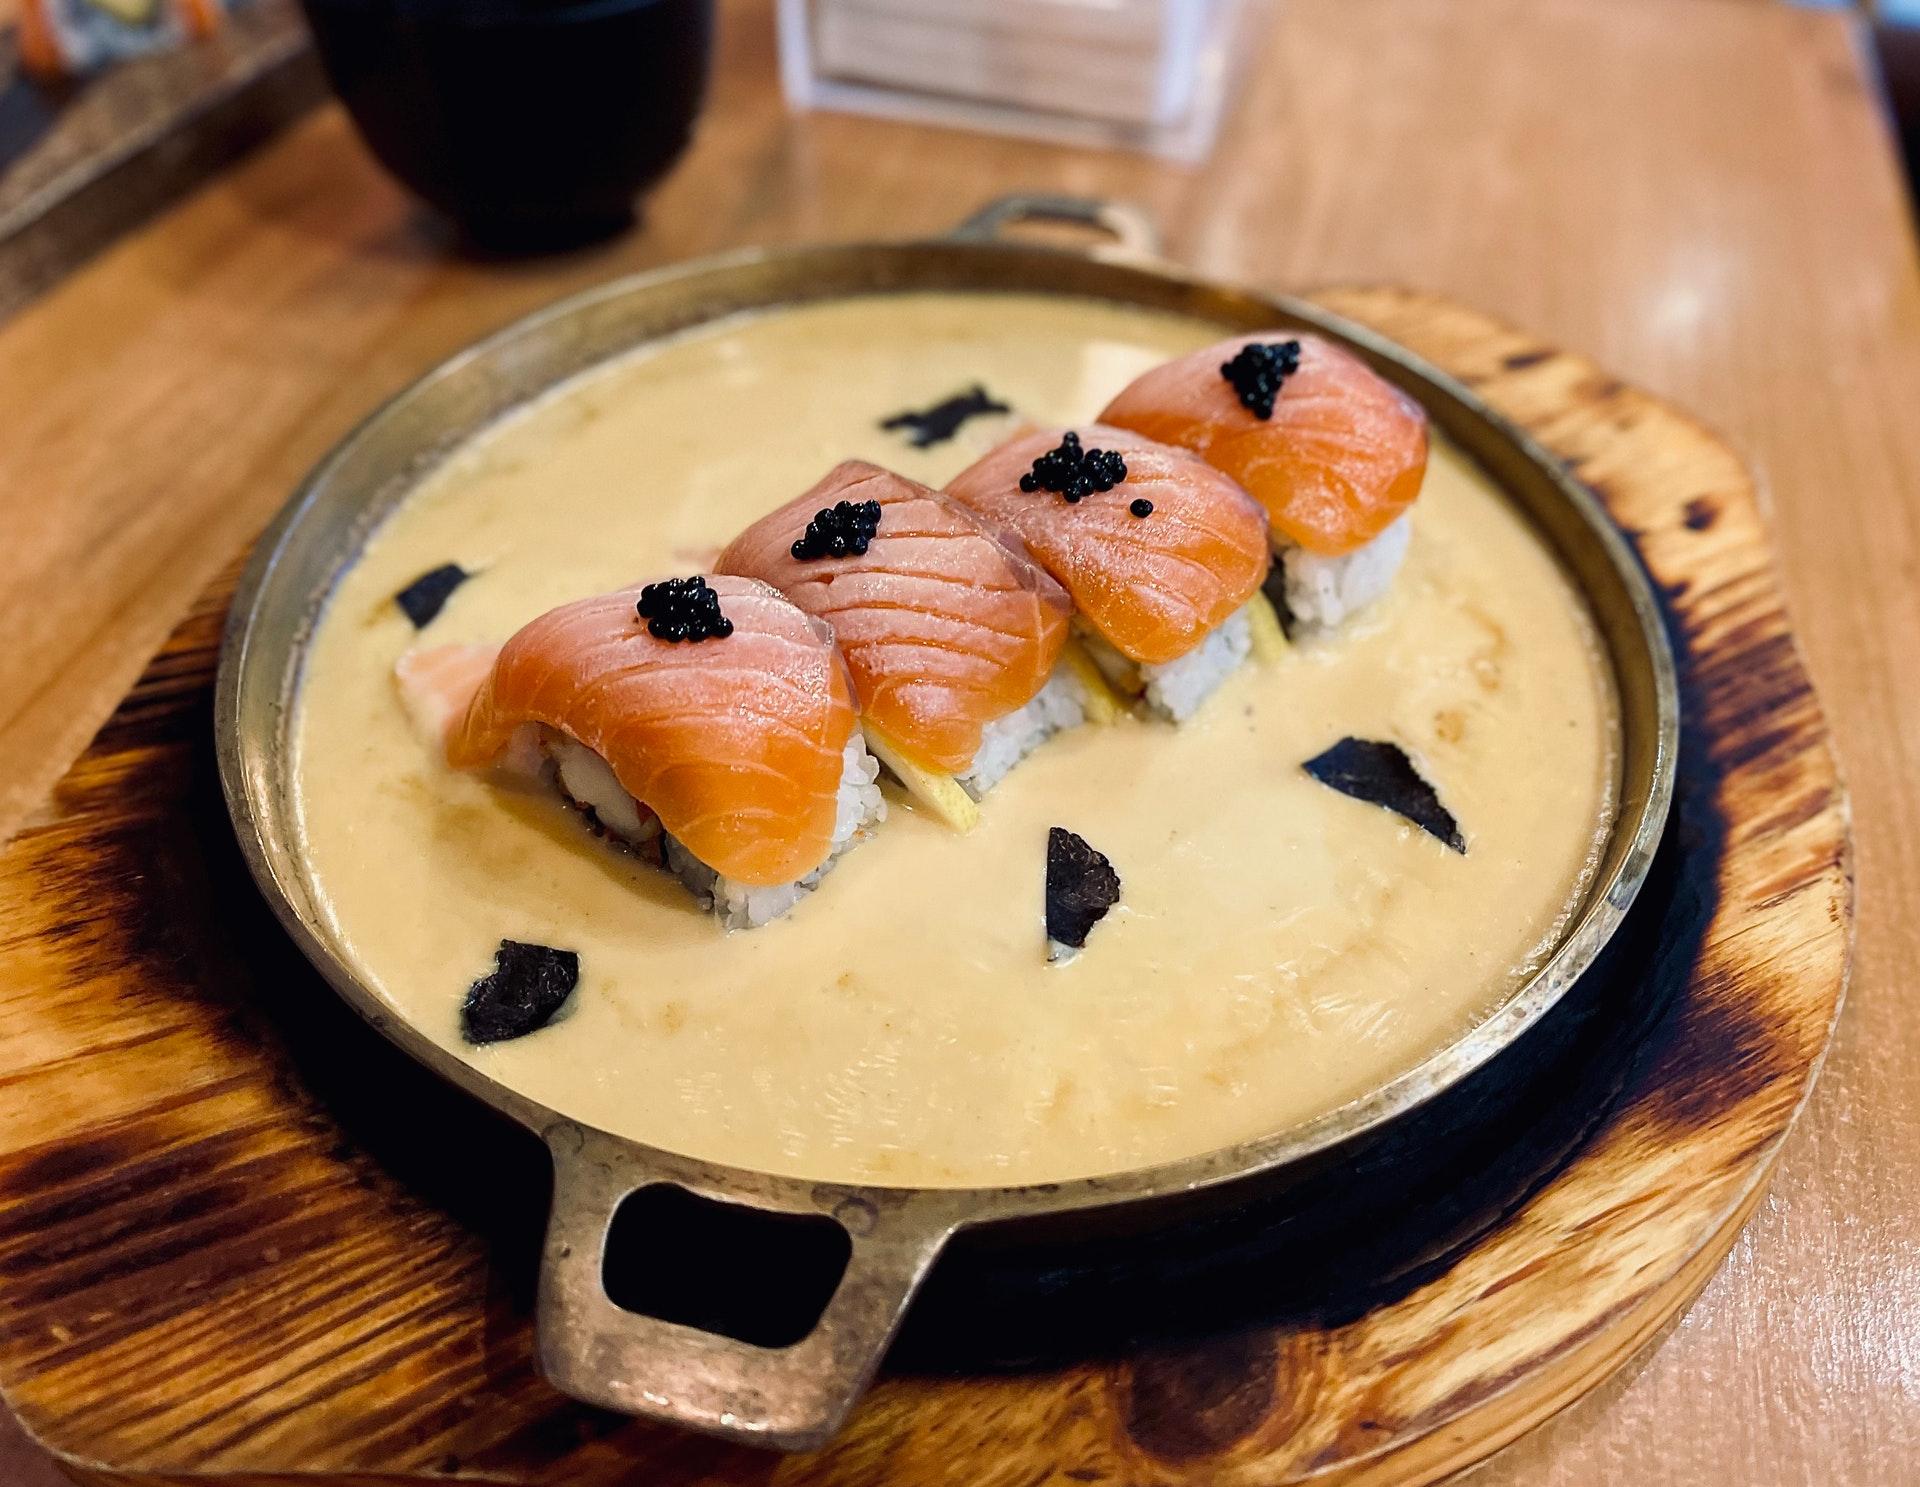 free sushi Taiwan salmon